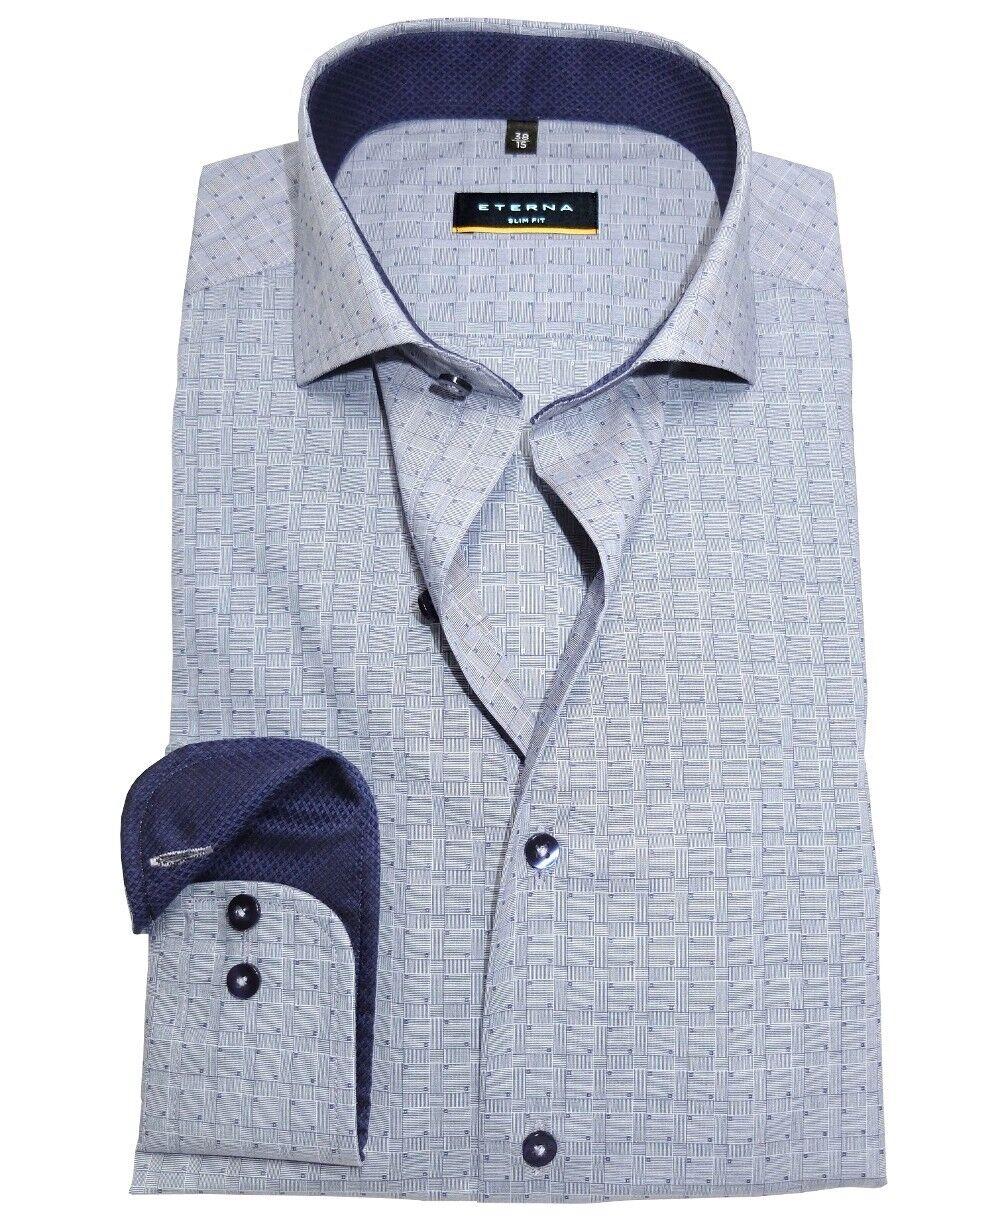 Eterna Slim Fit Langarmhemd Karostruktur Haikragen blau Patches Gr. 38 bis 44    Qualitätsprodukte